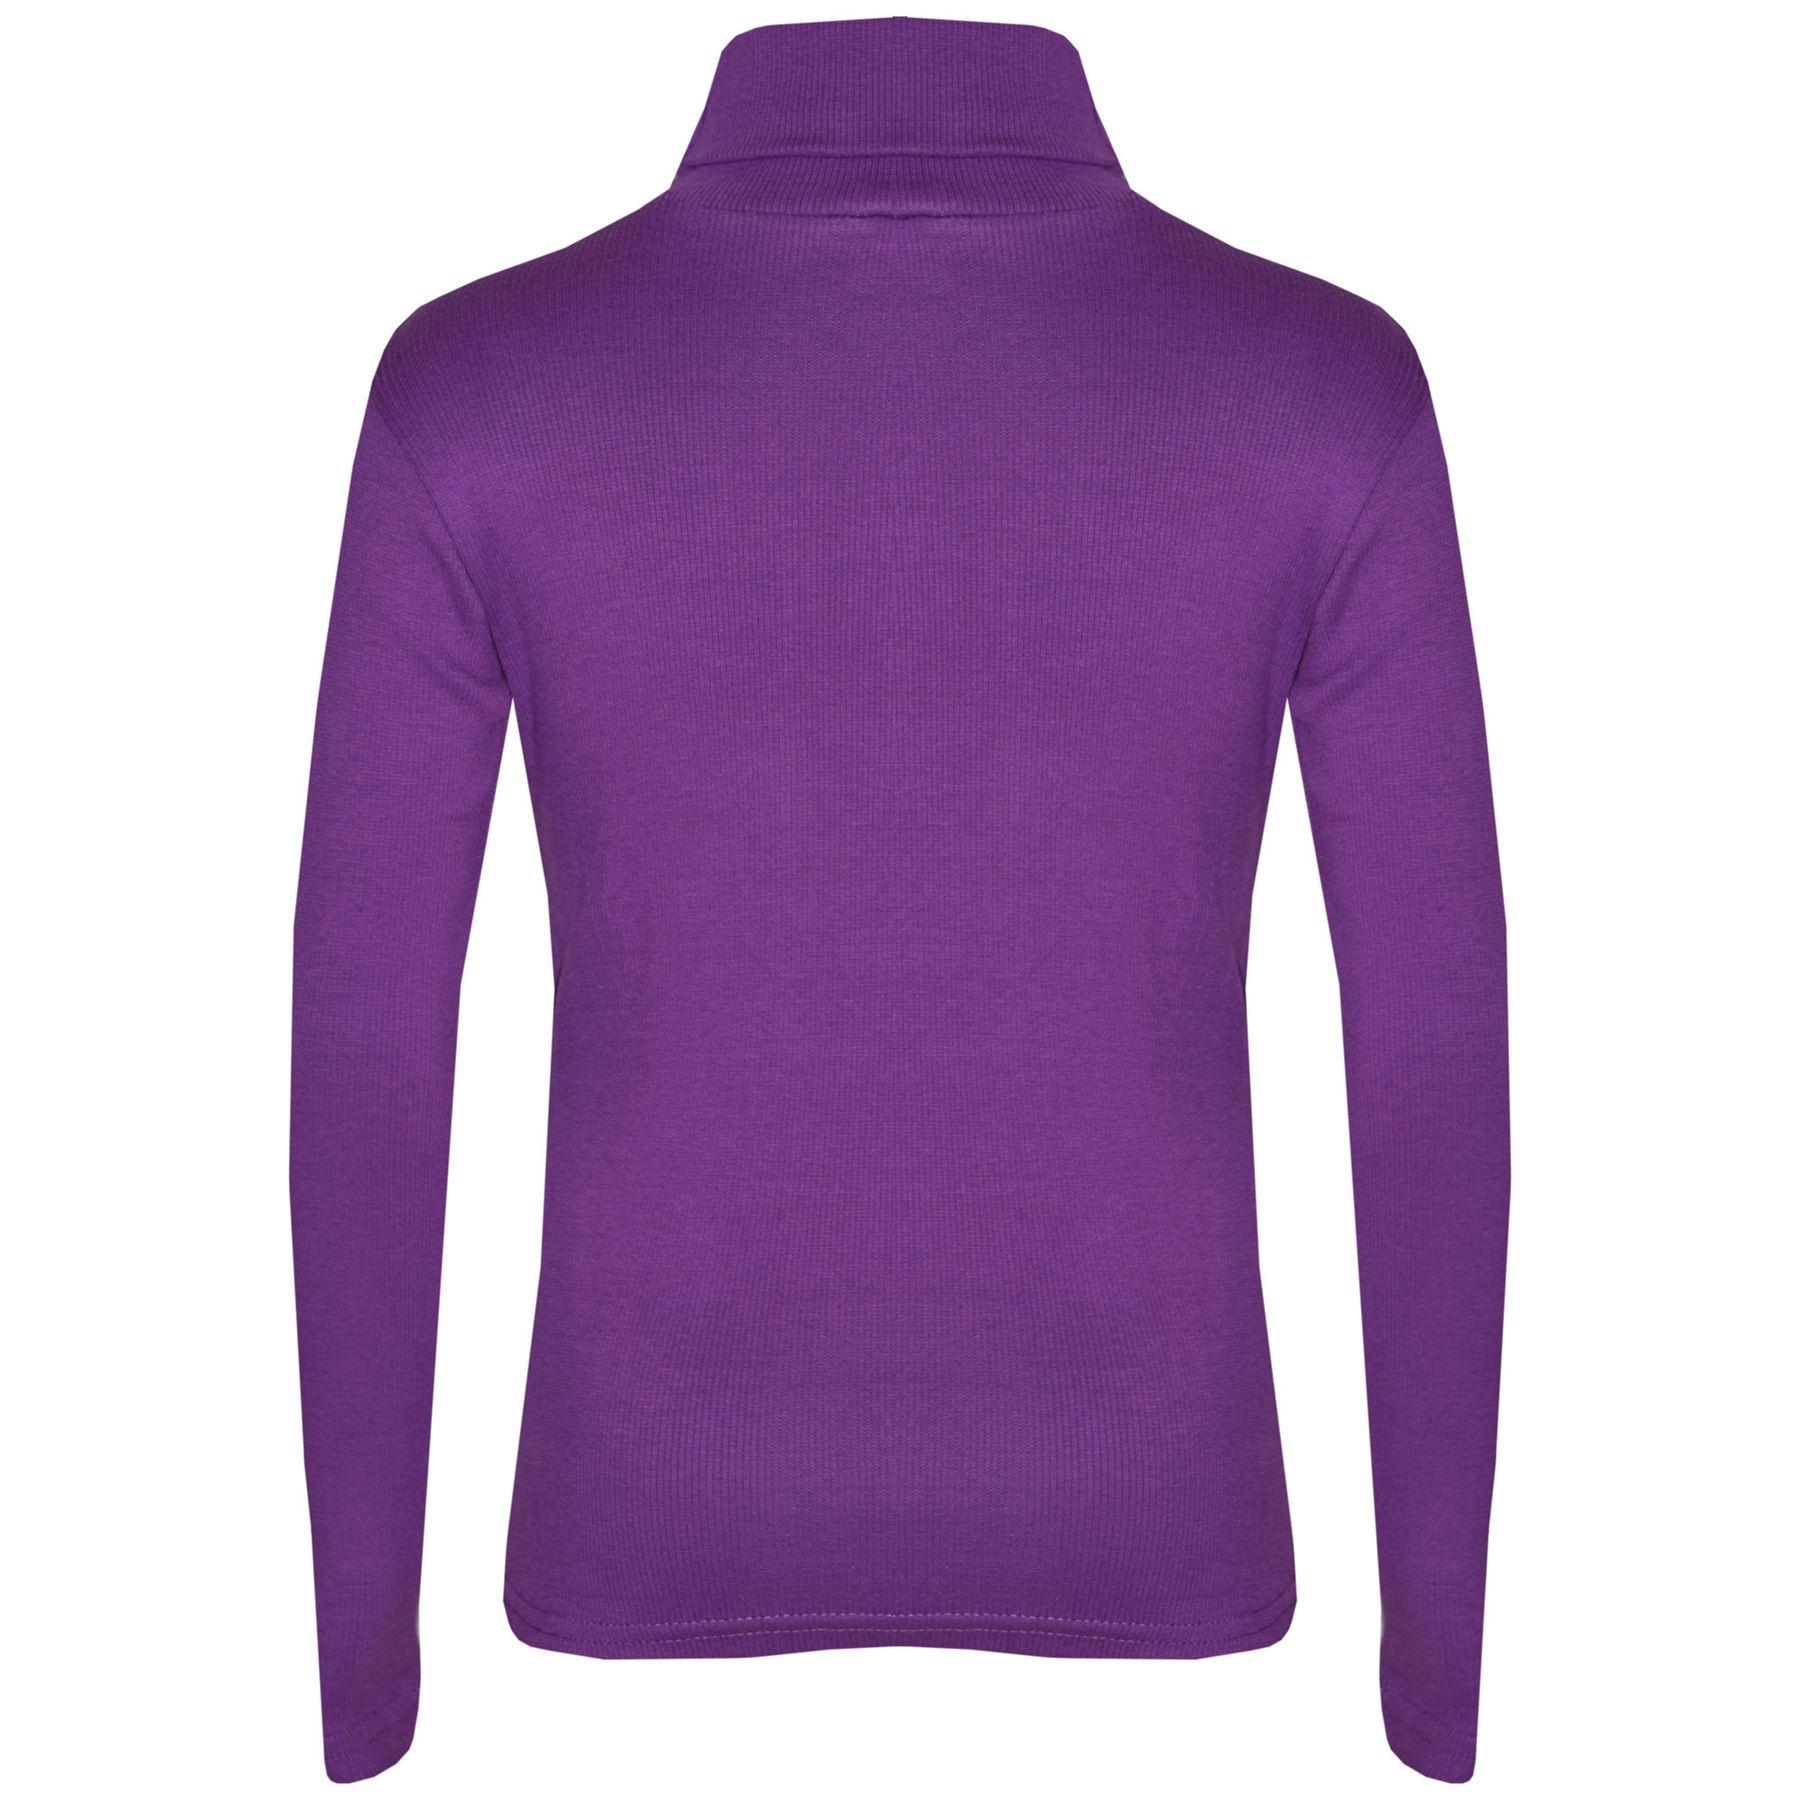 Enfants-Filles-Polo-Shirt-epais-Coton-Col-Roule-Pull-Haut-a-manches-longues-2-13